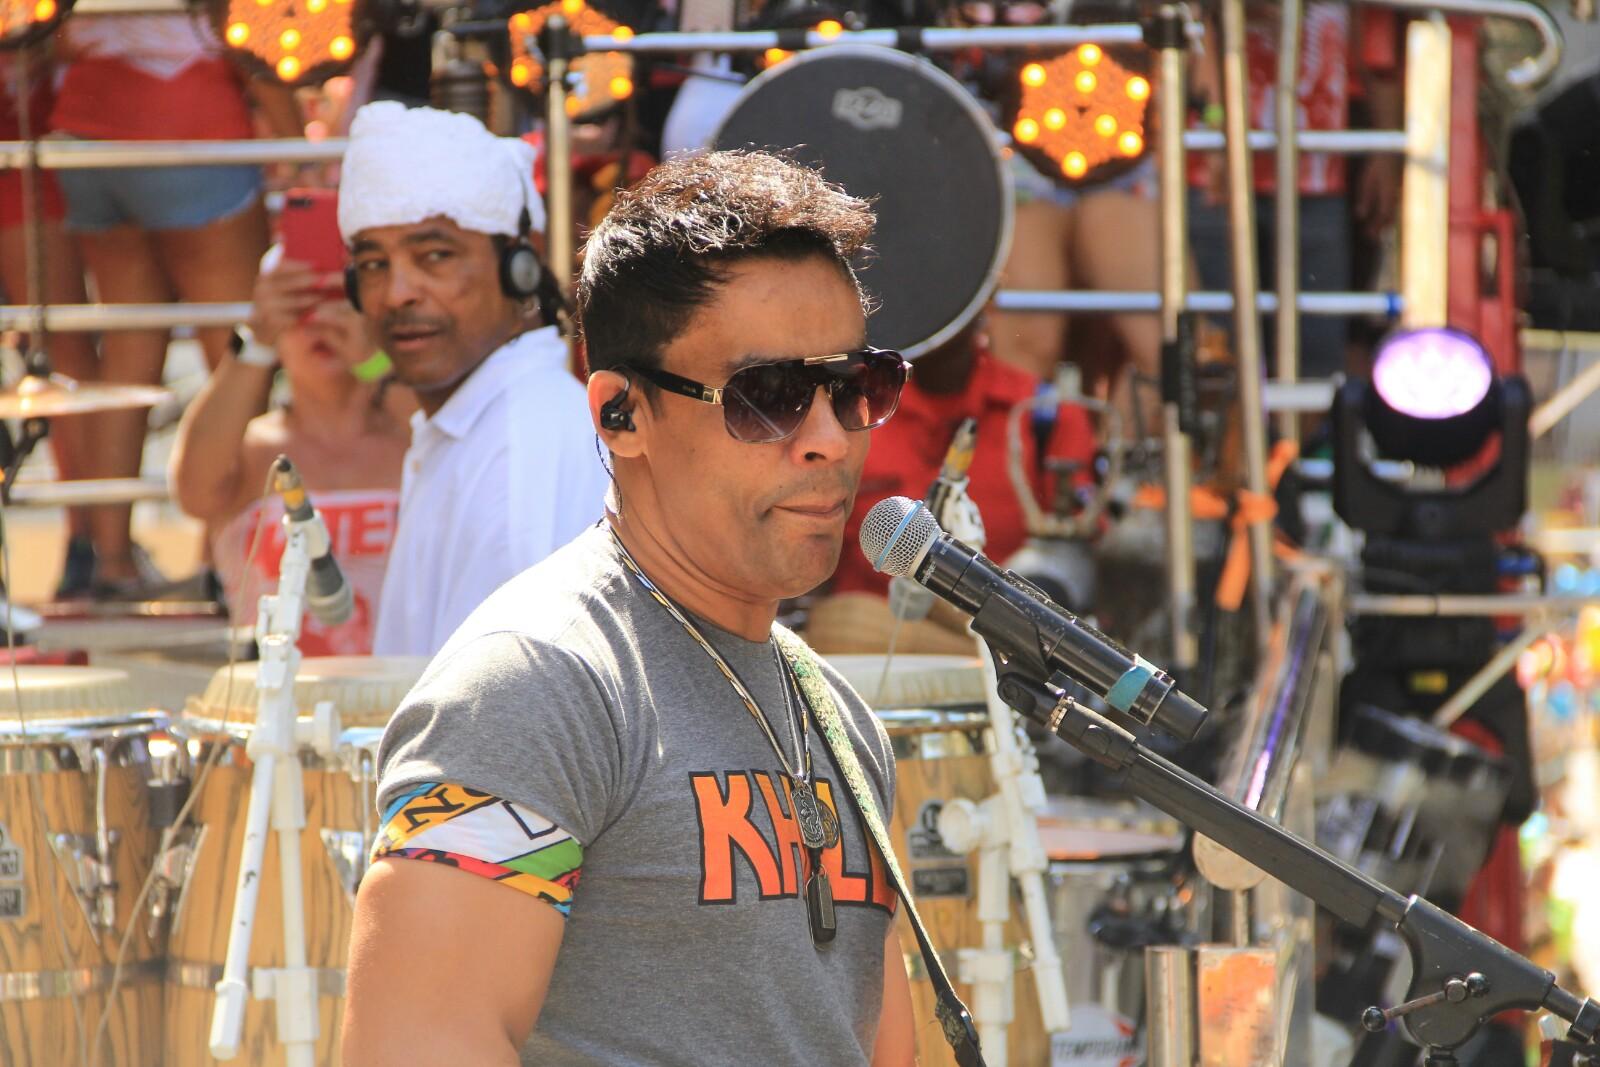 Foto com o cantor Khill da banda Chiclete com Banana, em cima do trio elétrico no bloco Voa Voa